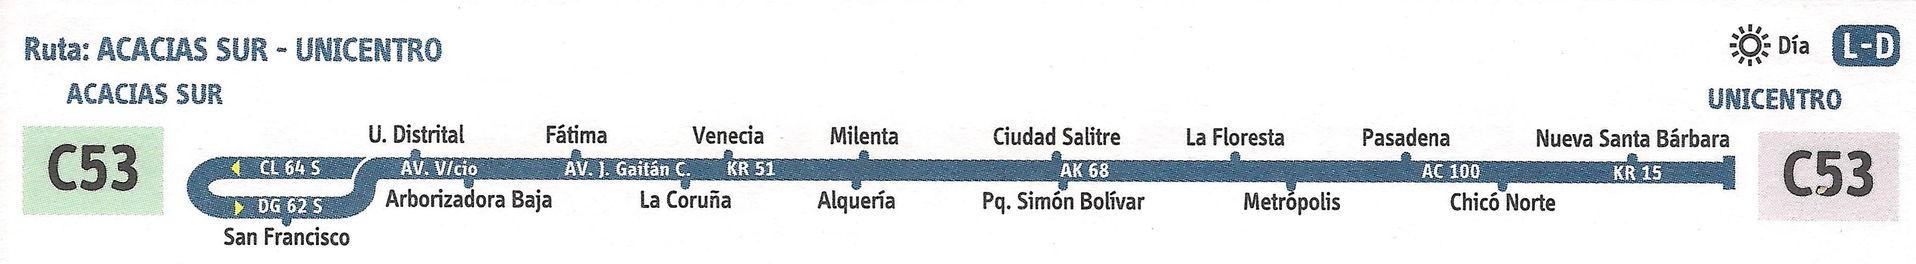 Ruta SITP: C53 Acacias Sur ↔ Unicentro [Urbana] 4